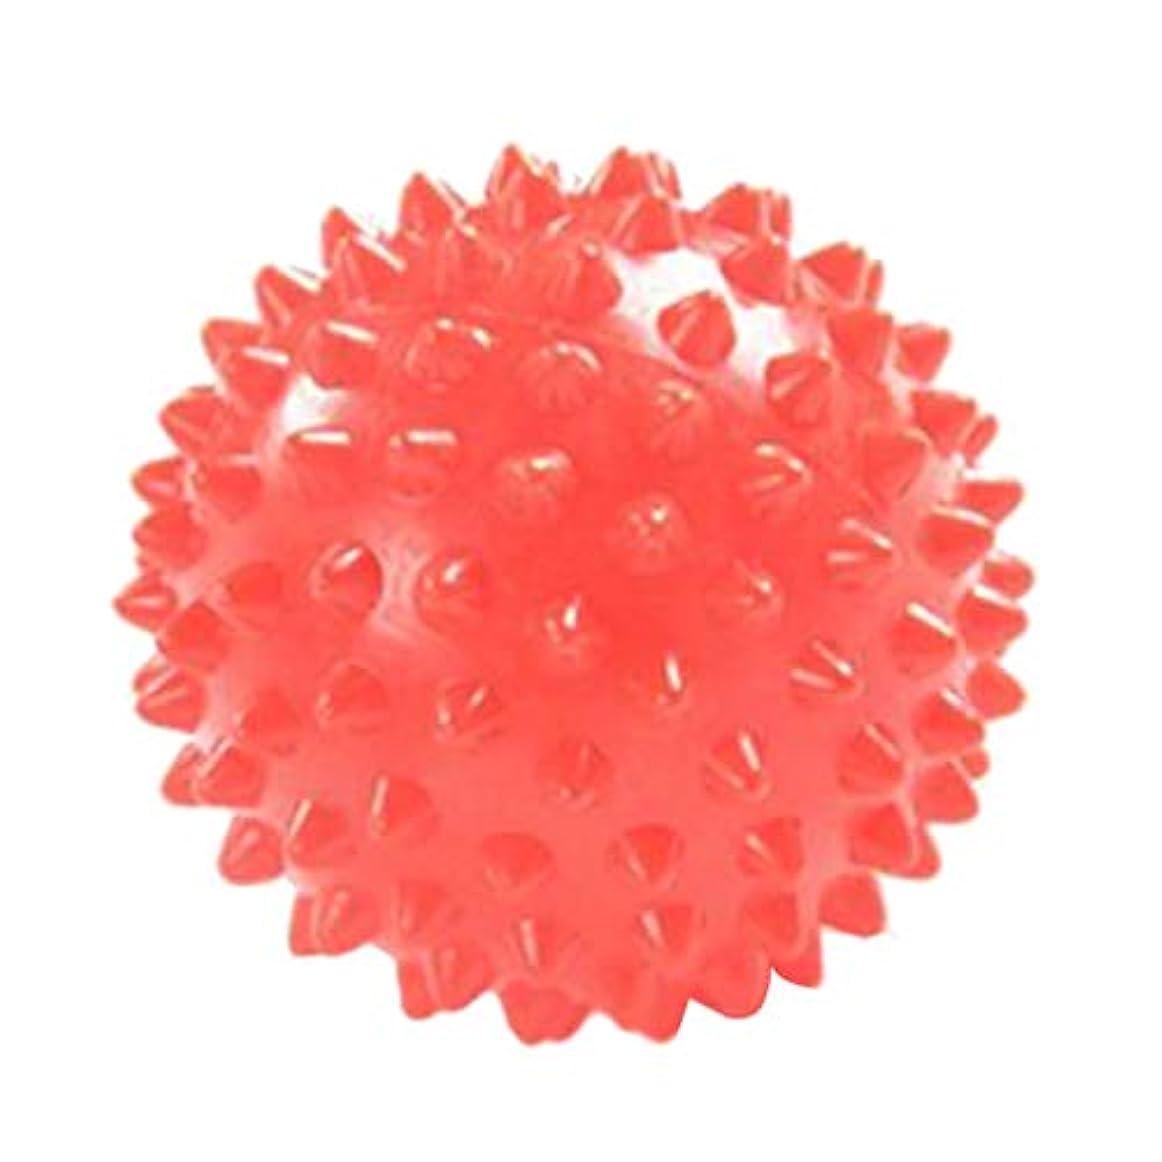 こねる厄介な梨Perfeclan ヨガ マッサージボール 触覚ボール ツボ押し 7cm オレンジ